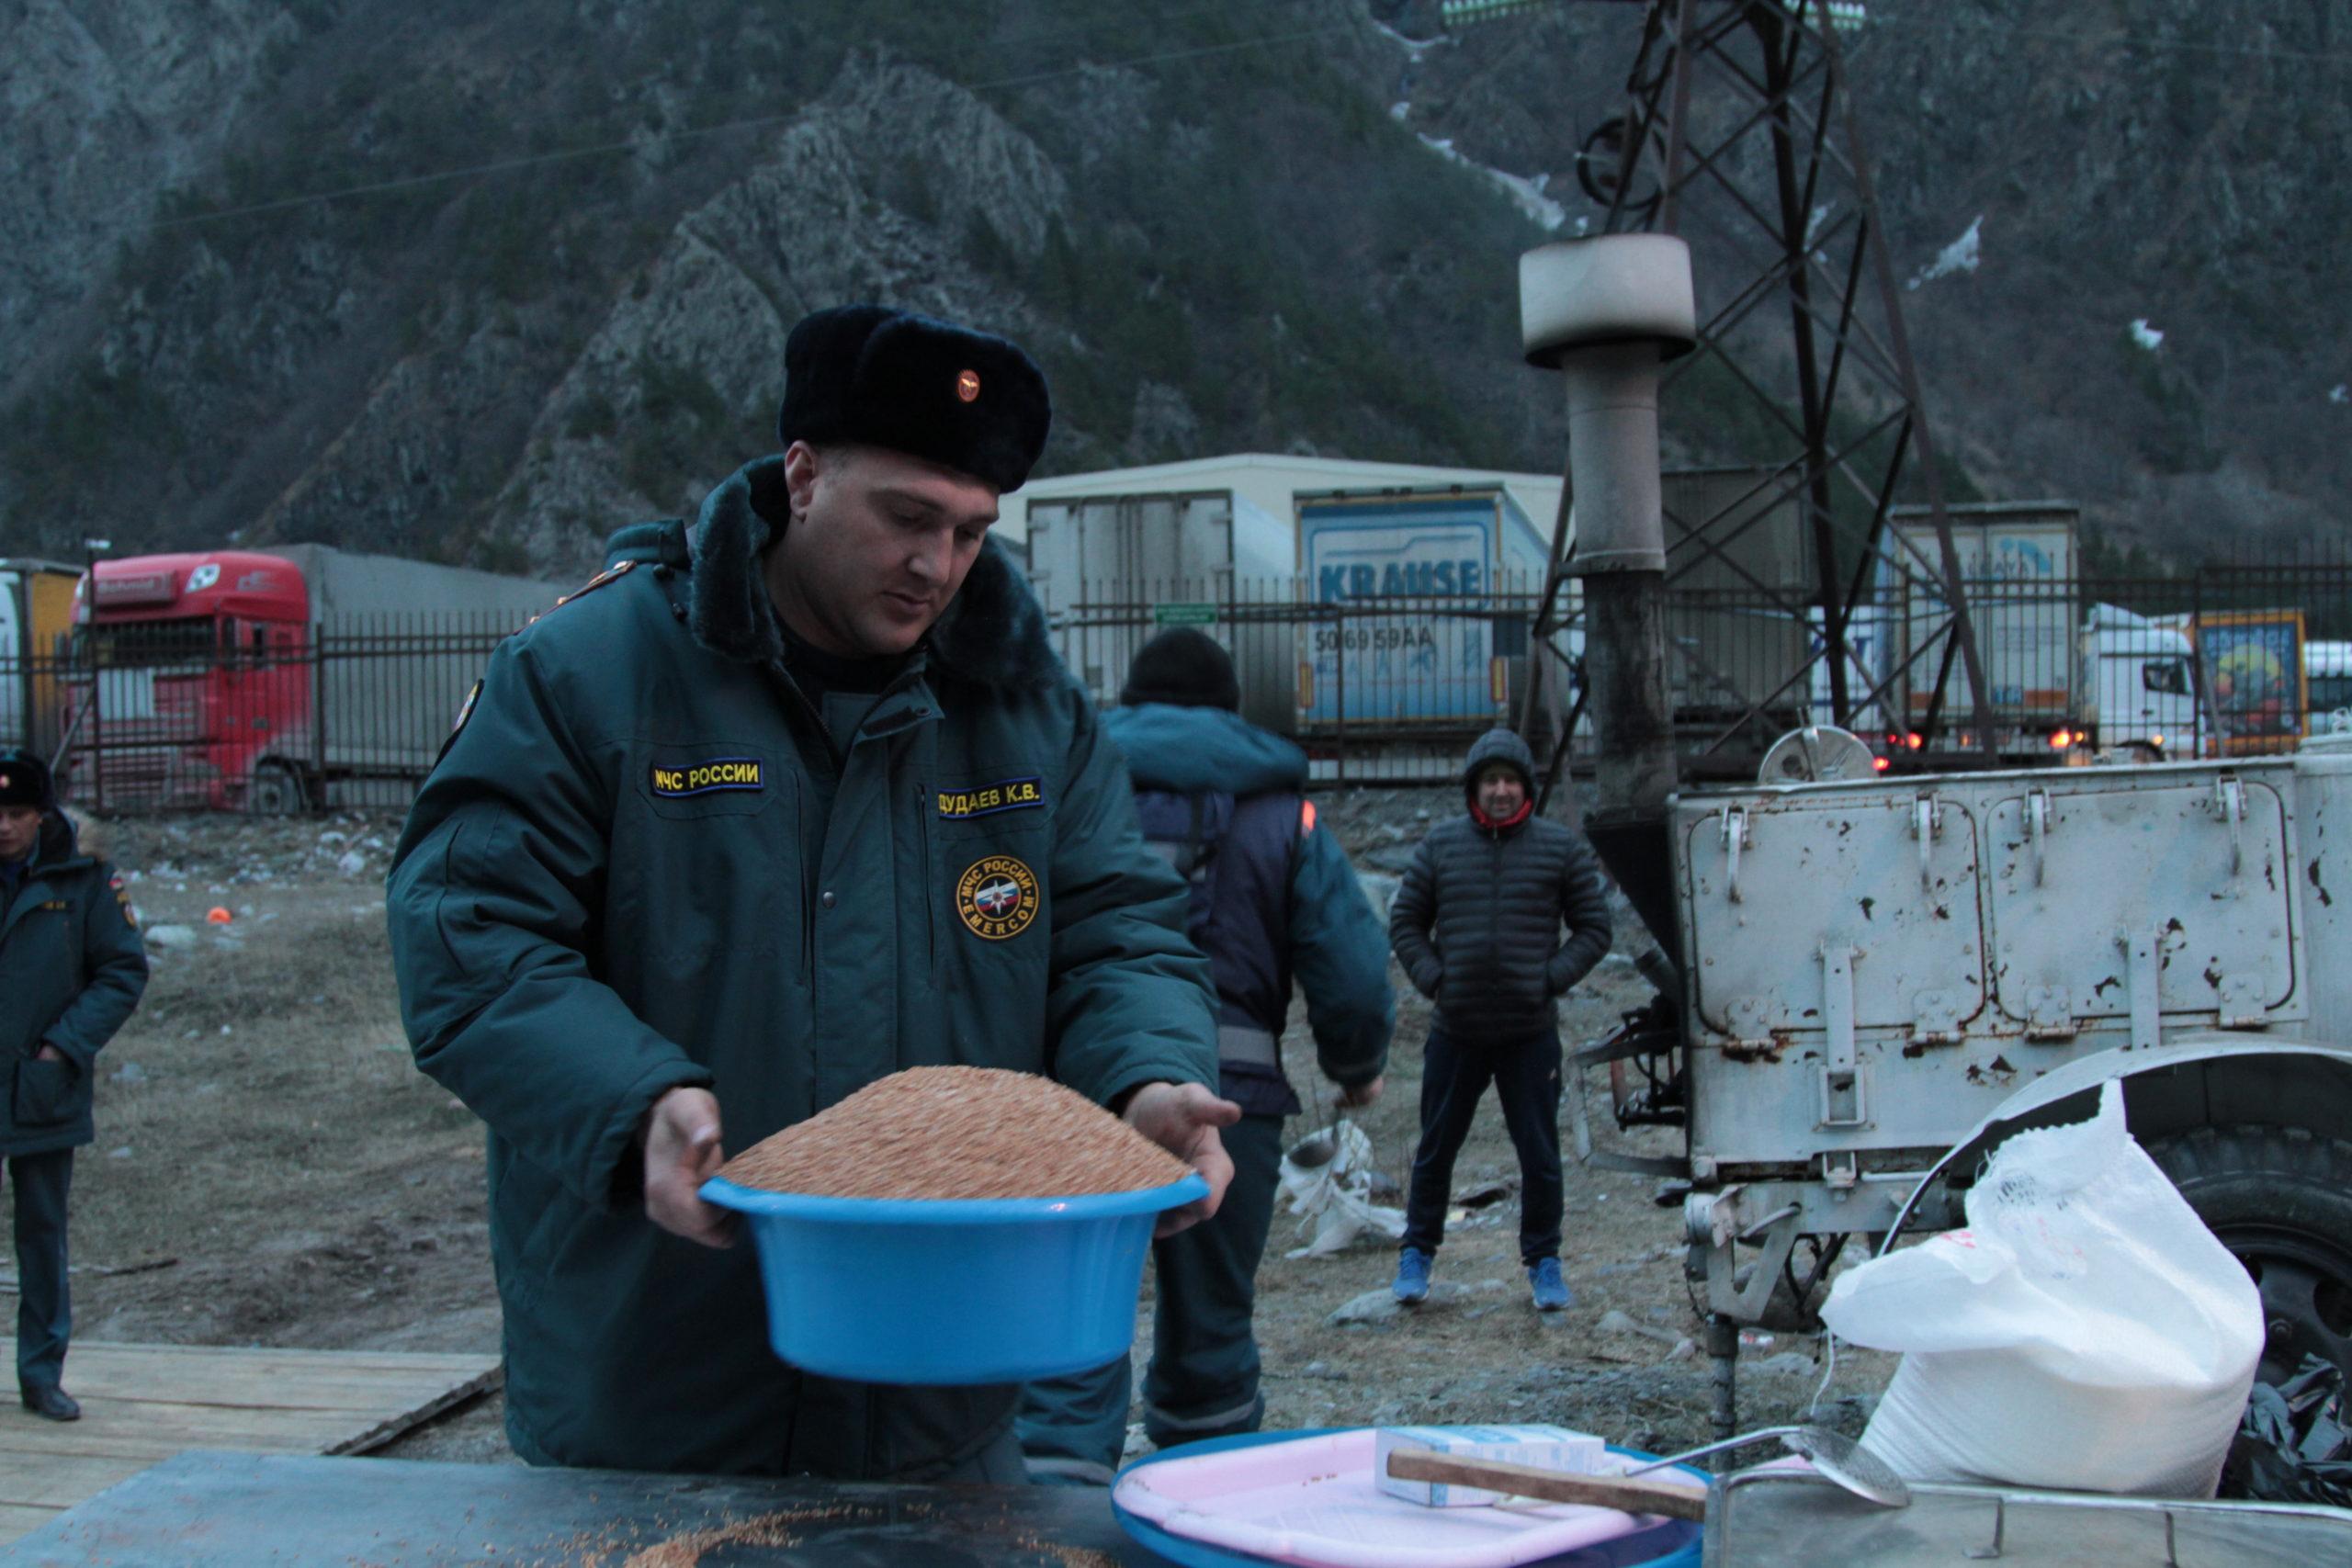 Водителей большегрузов будут обеспечивать горячим питанием ежедневно до открытия ВГД